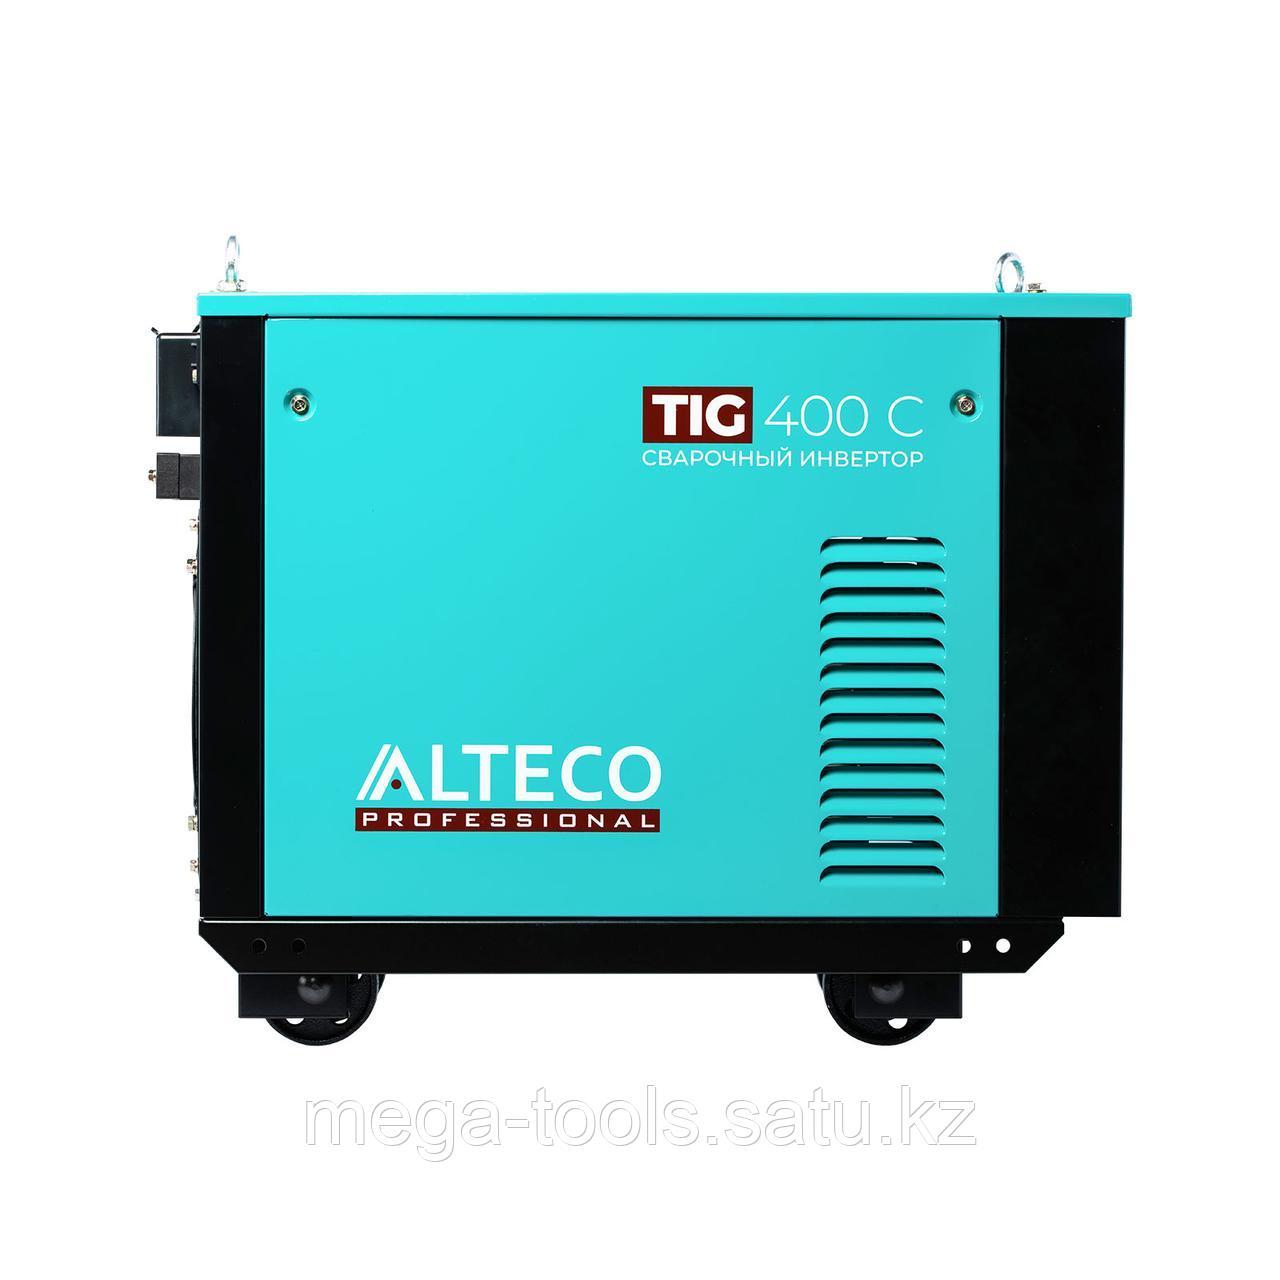 Сварочный аппарат ALTECO TIG 400 C - фото 3